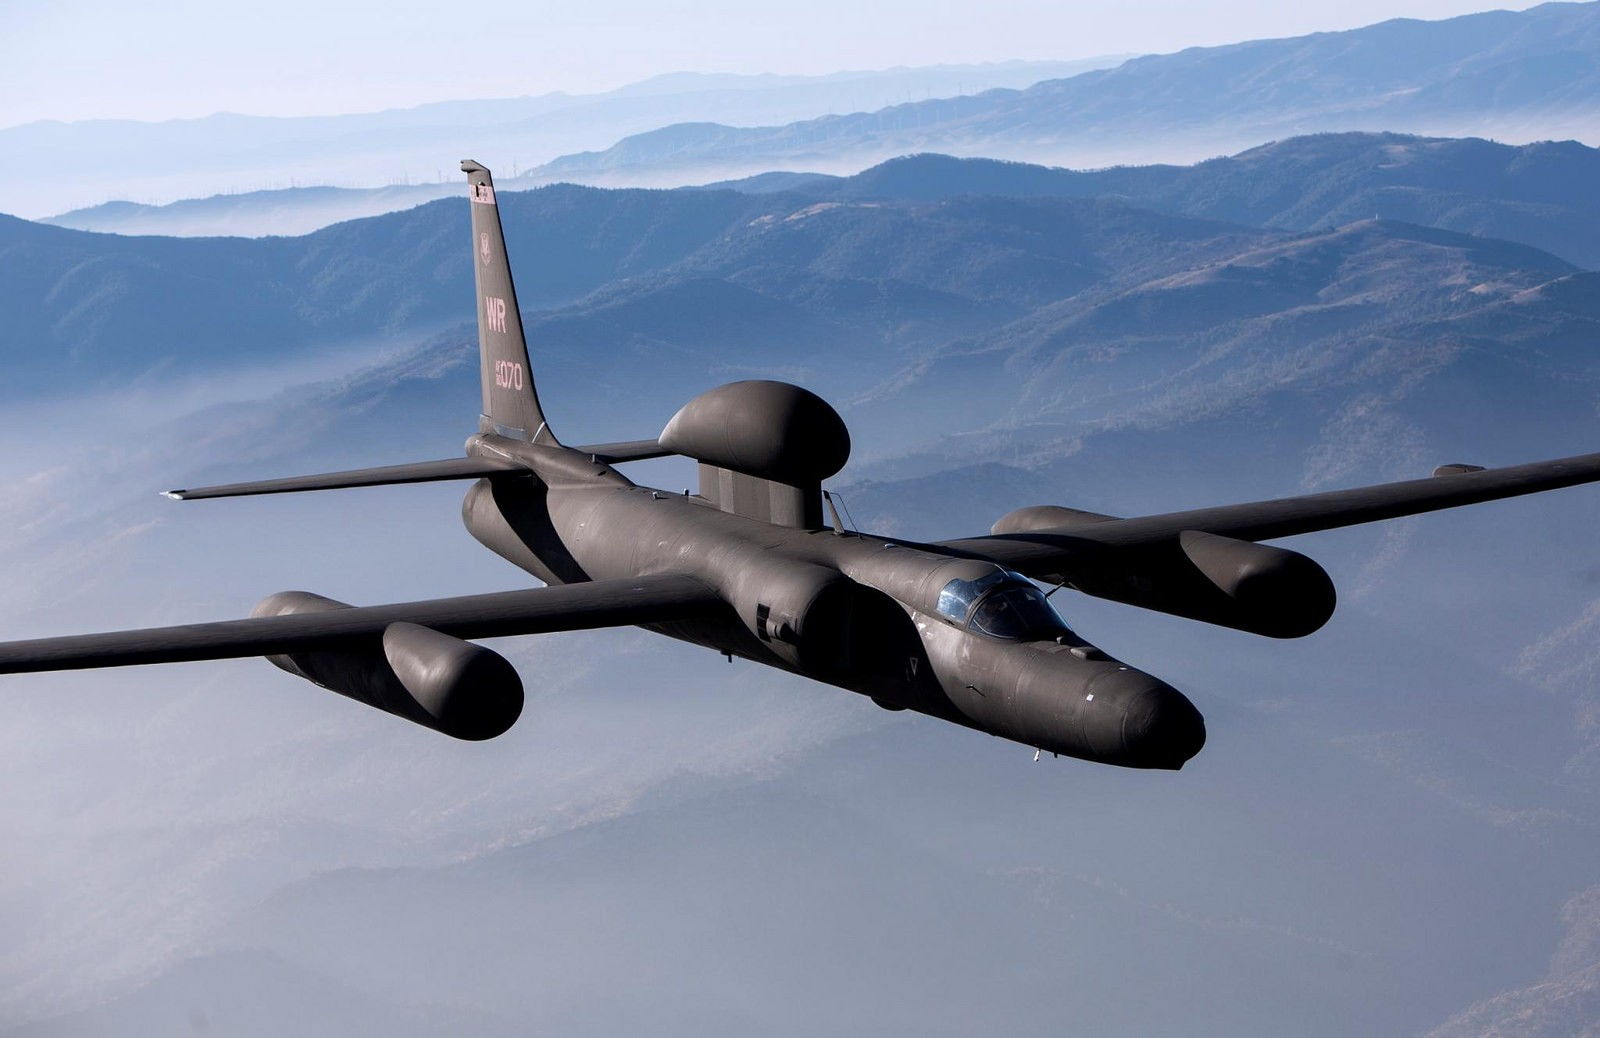 U-2 정찰기의 퇴역을 막으려는 록히드 마틴